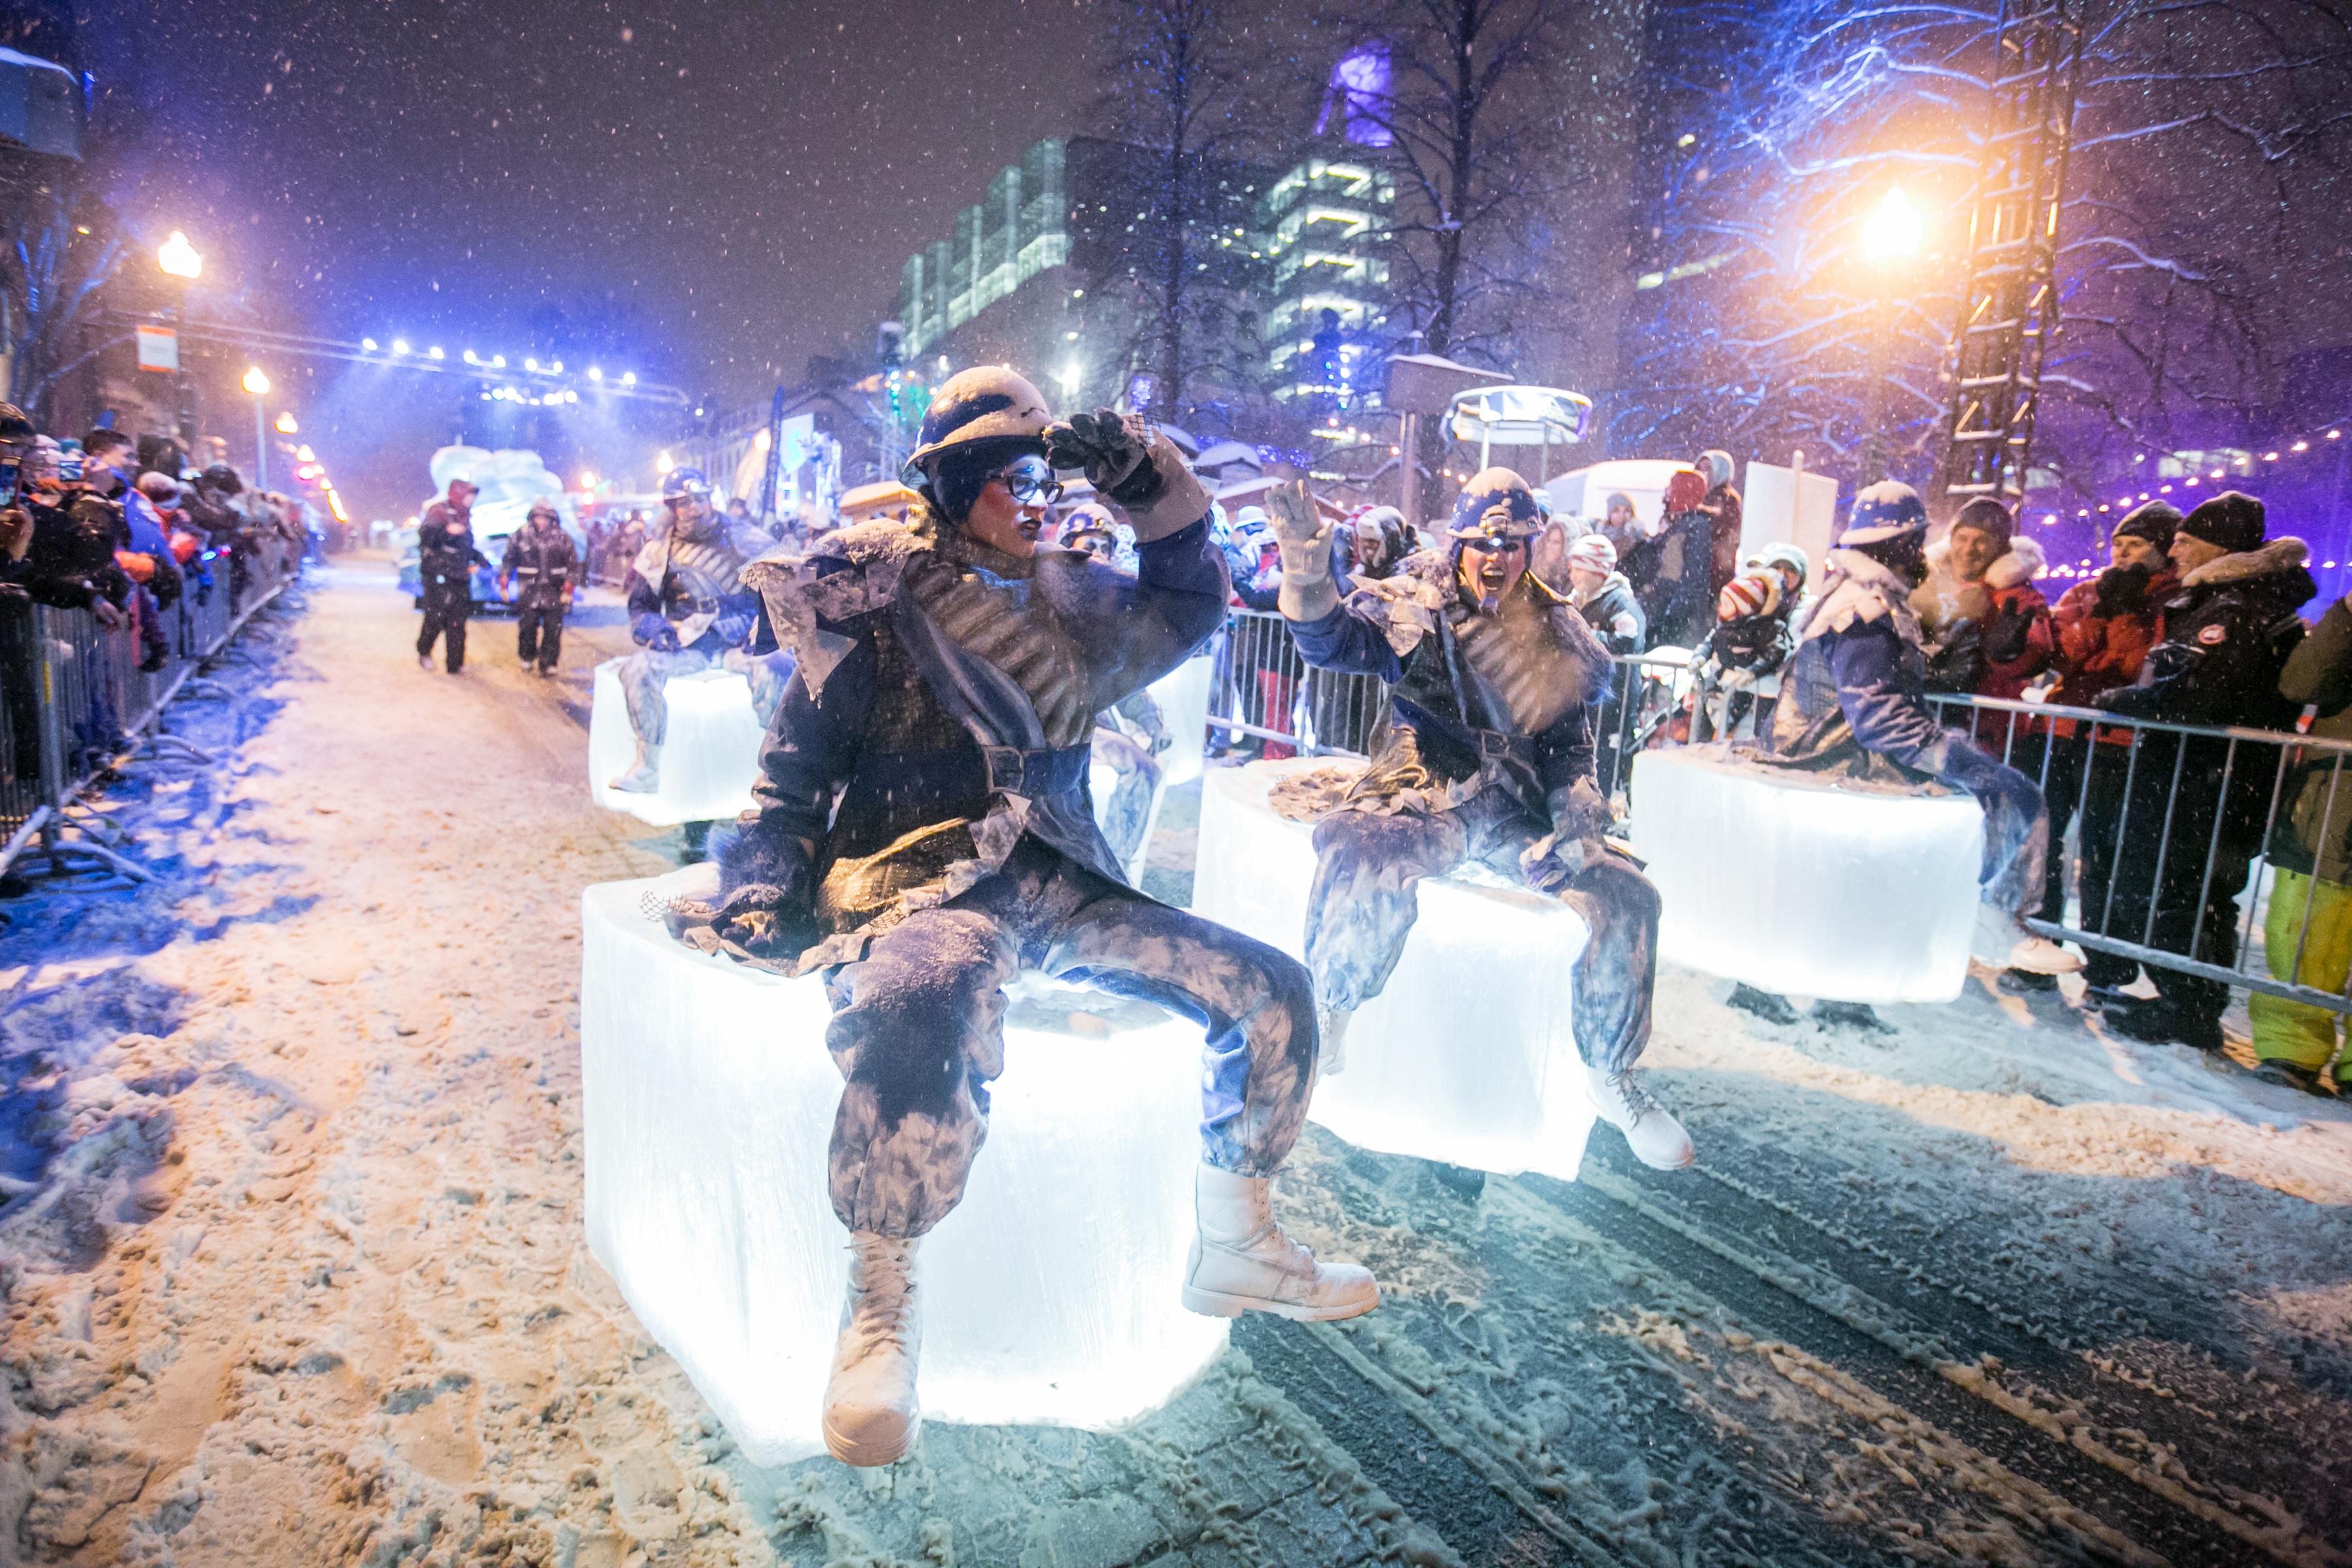 File:Défilé de nuit - Carnaval de Québec.jpg - Wikimedia Commons